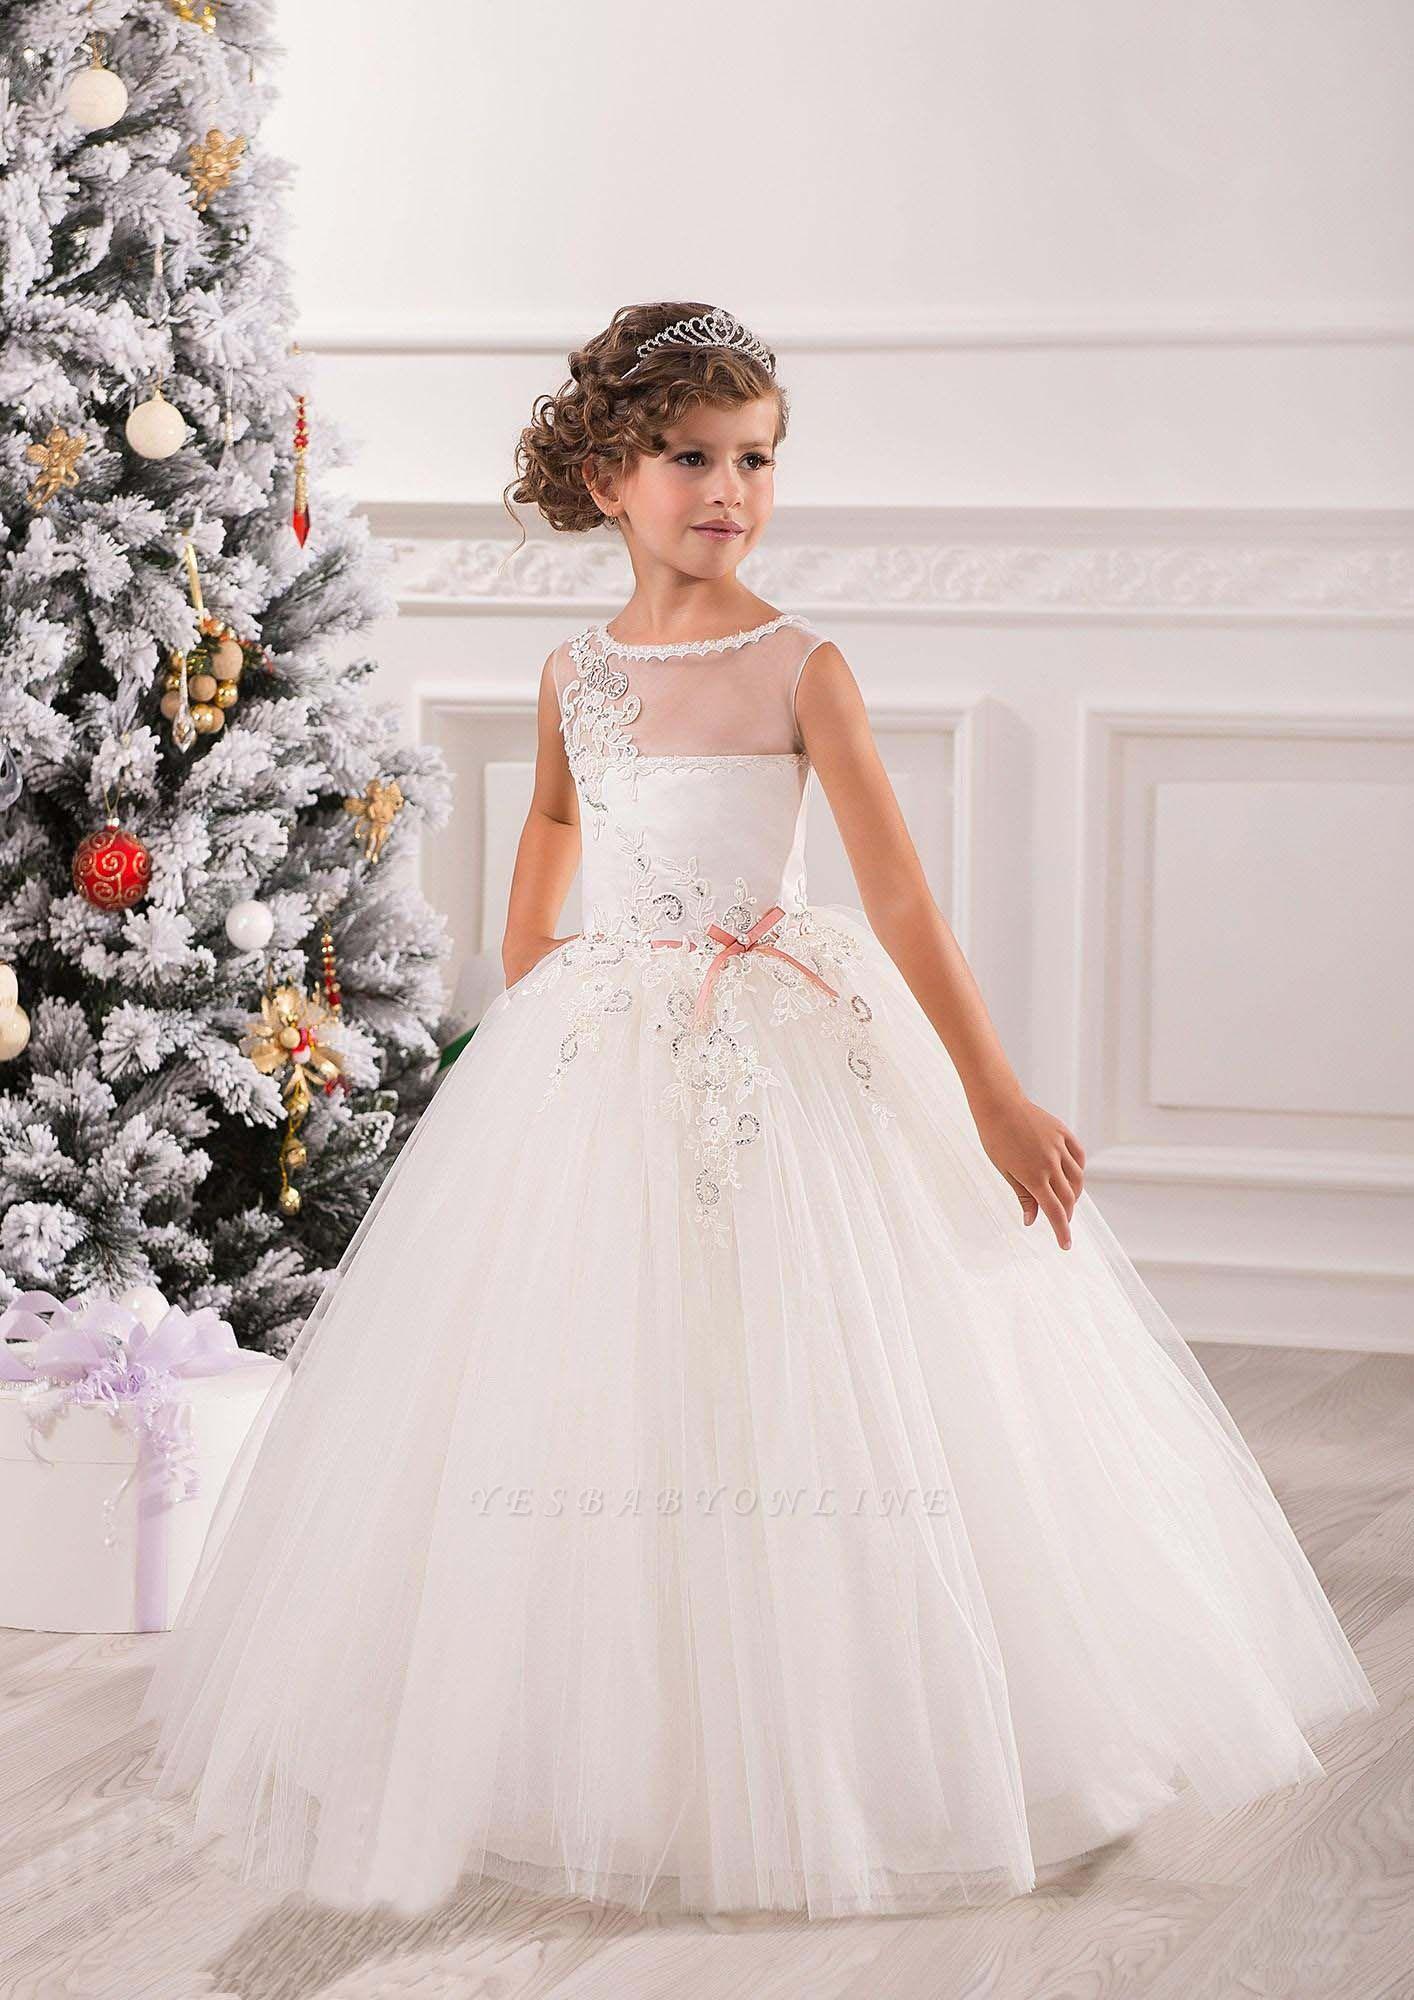 Lovely Princess Sleeveless Puffy Tulle Flower Girl Dress